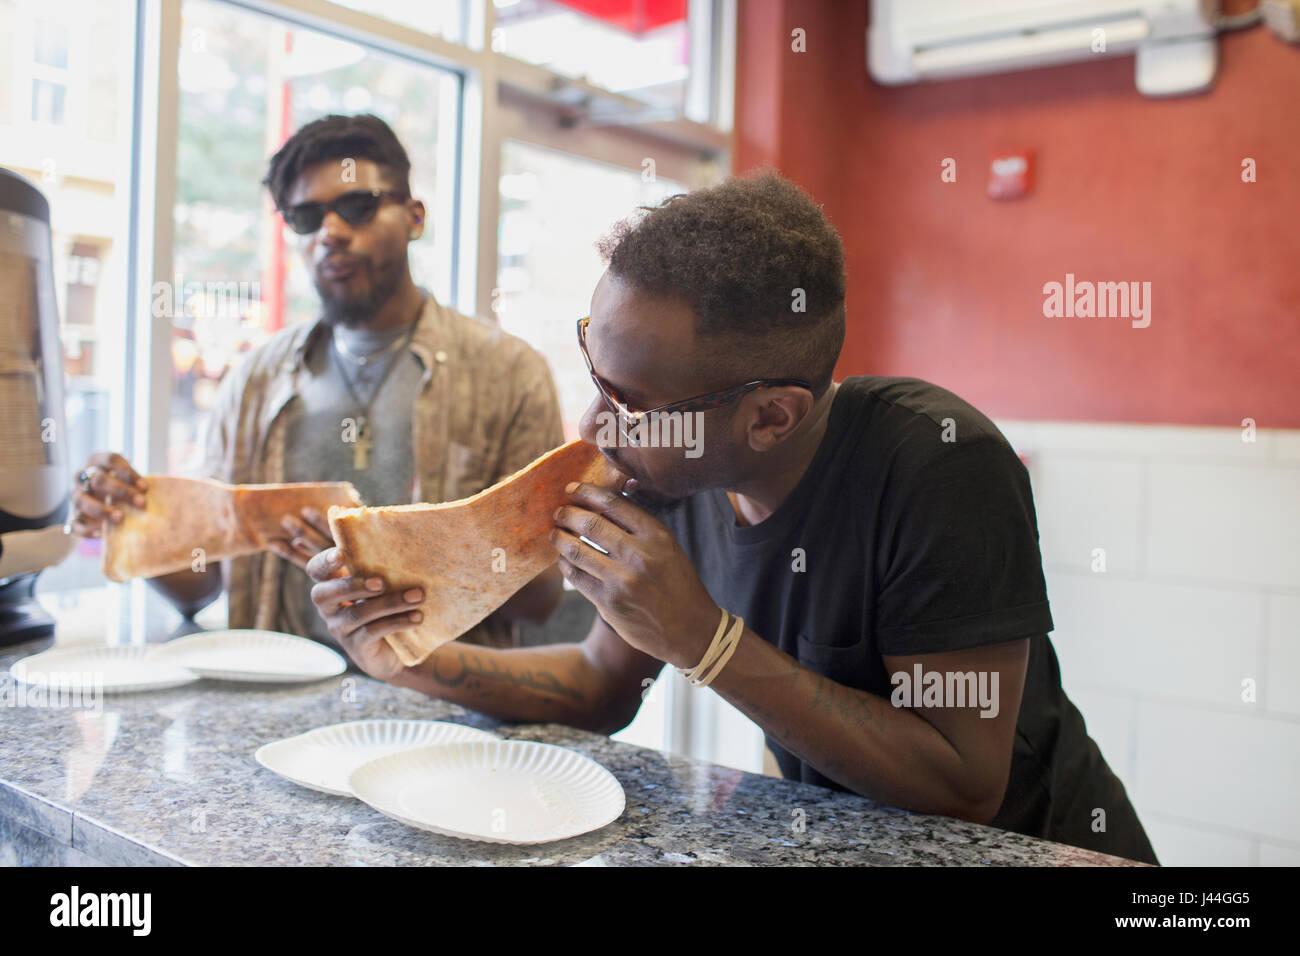 Due giovani uomini di mangiare la pizza. Immagini Stock